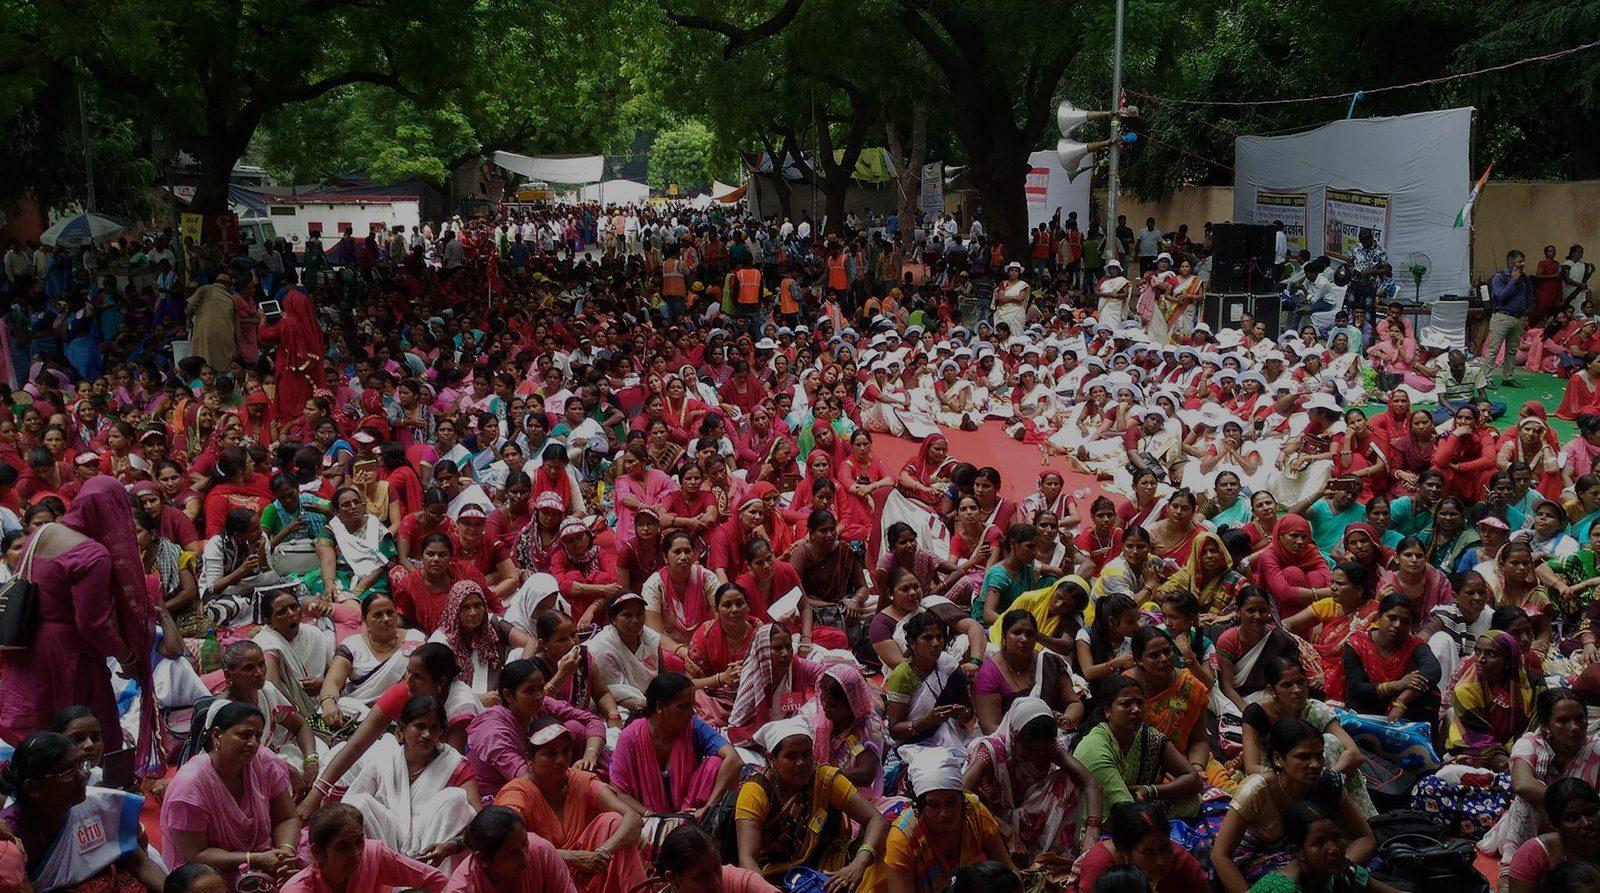 #MeToo en Inde: comment le mouvement a pris son ampleur incroyable